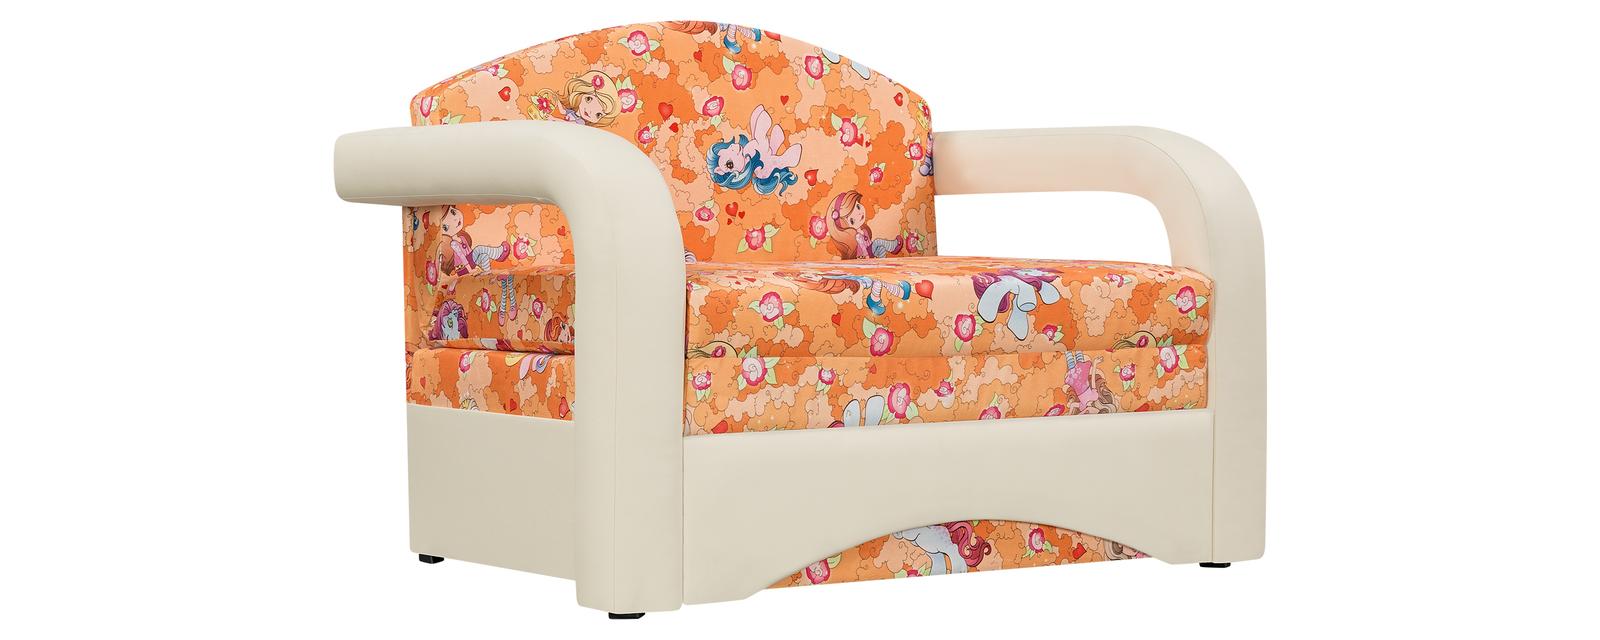 Кресло тканевое Эдем Pony оранжевый (Микровелюр + Экокожа)